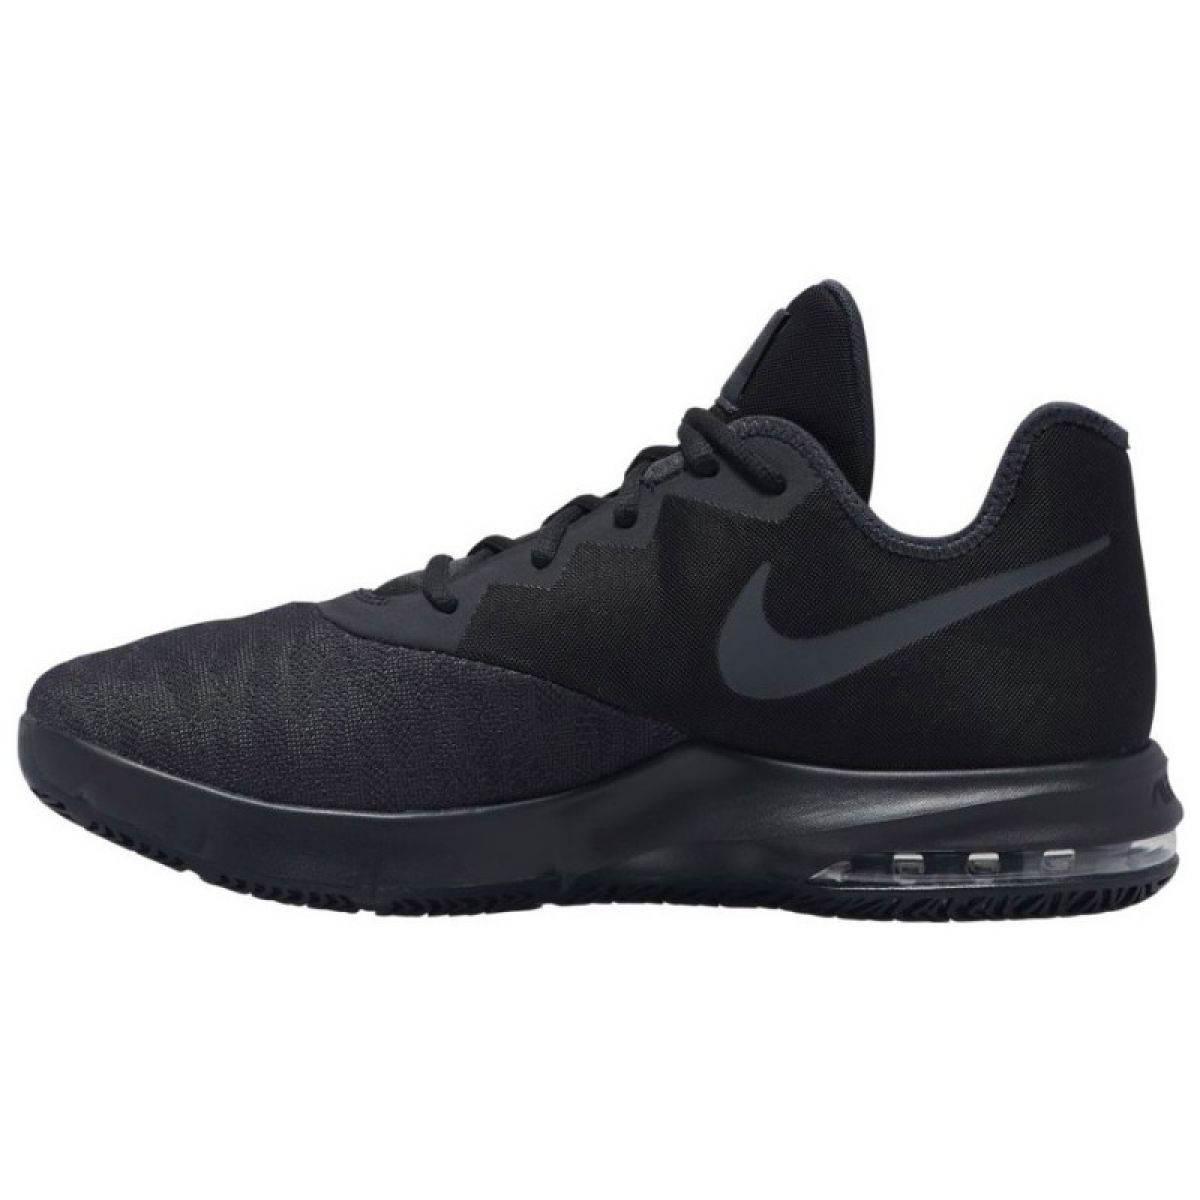 Nike Air Max Infuriate Iii alacsony WM AJ5898 007 cipő fekete